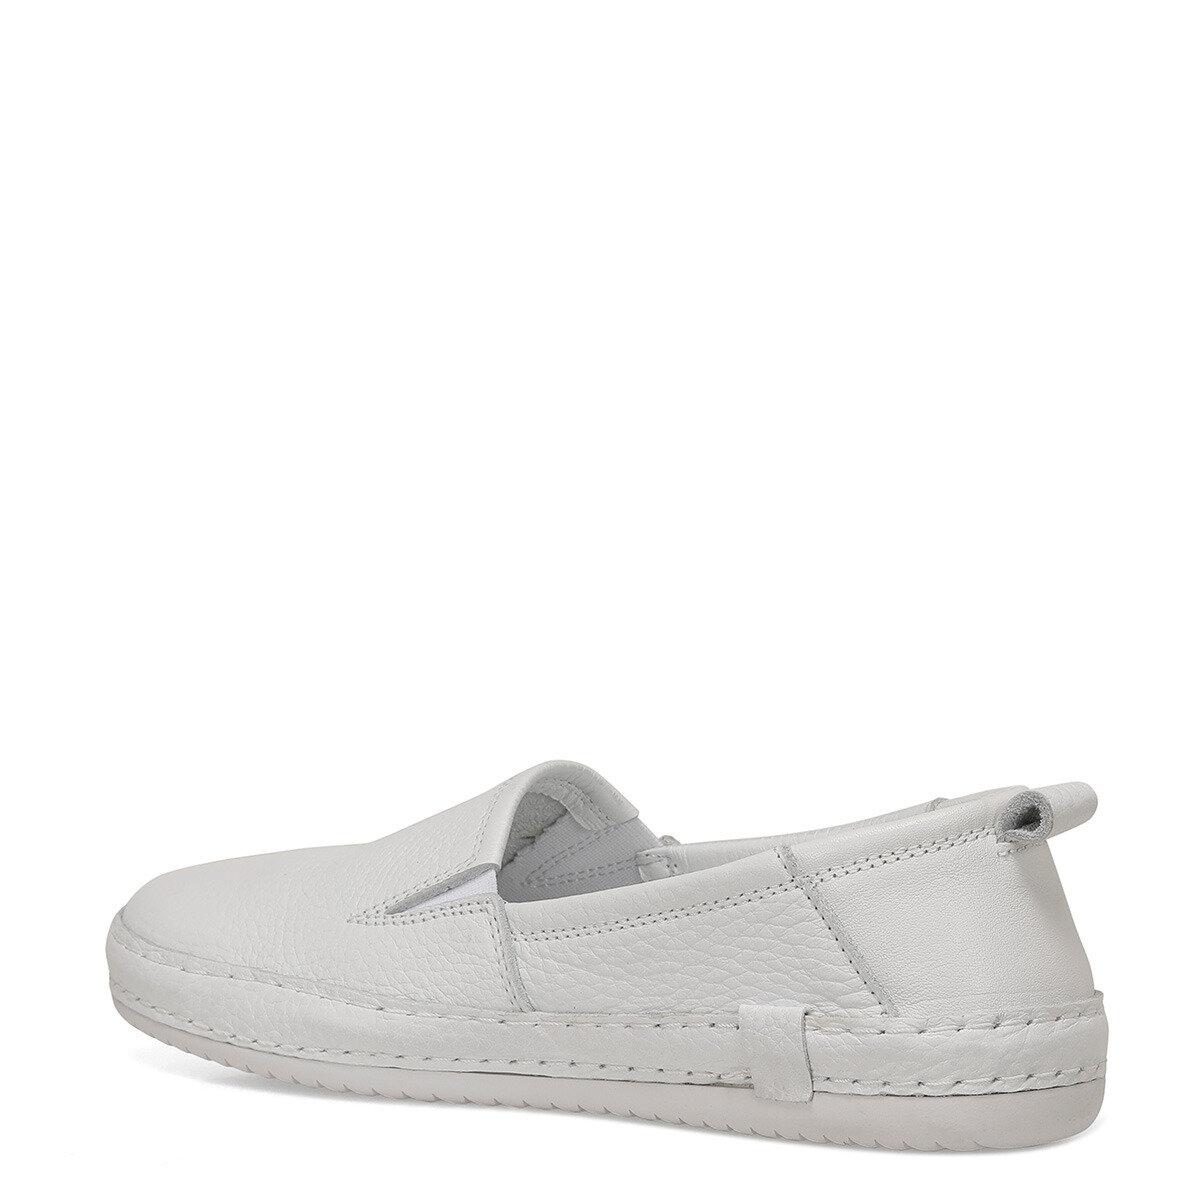 TISO Beyaz Kadın Günlük Ayakkabı